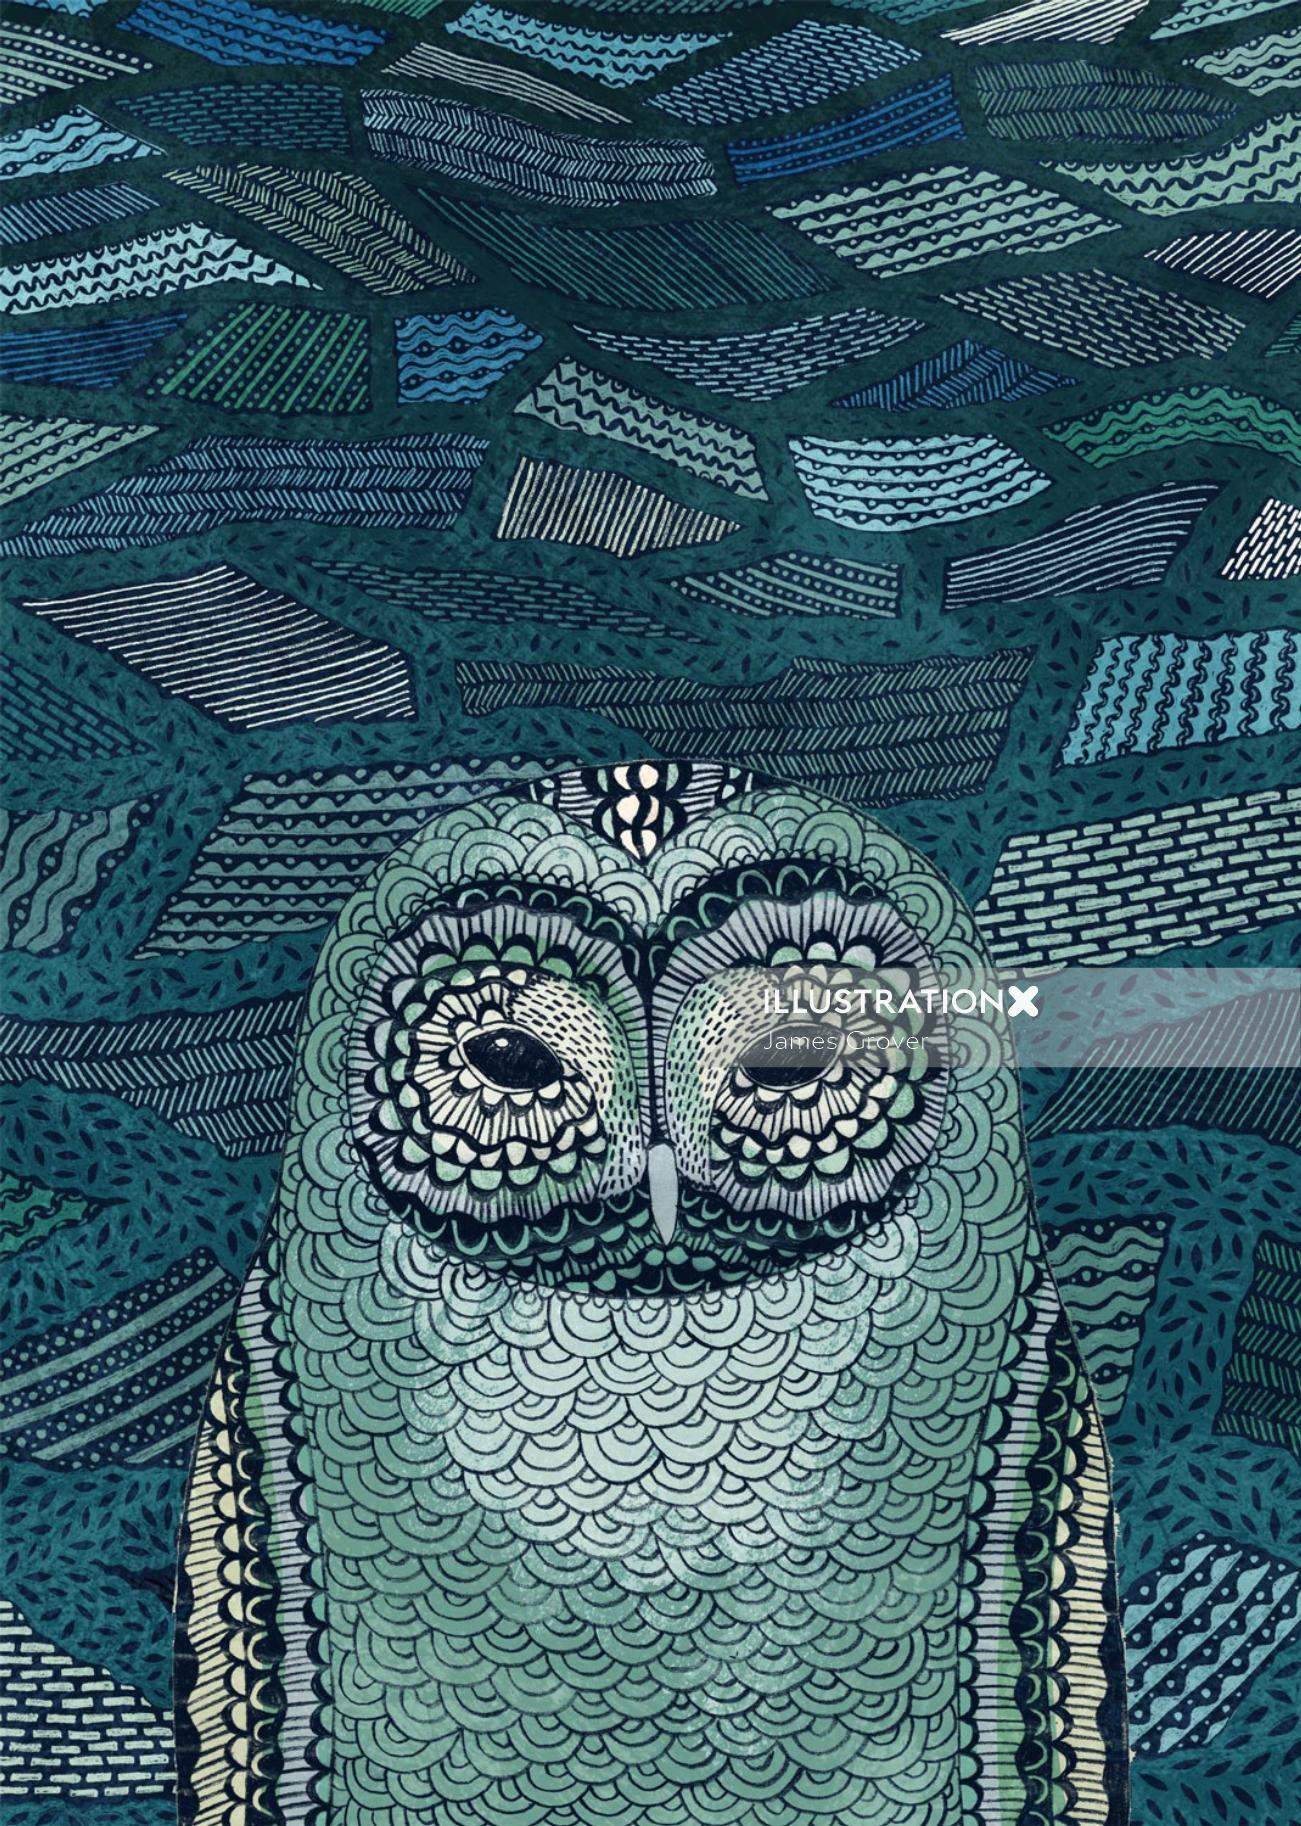 Owl in Moonlight pencil art